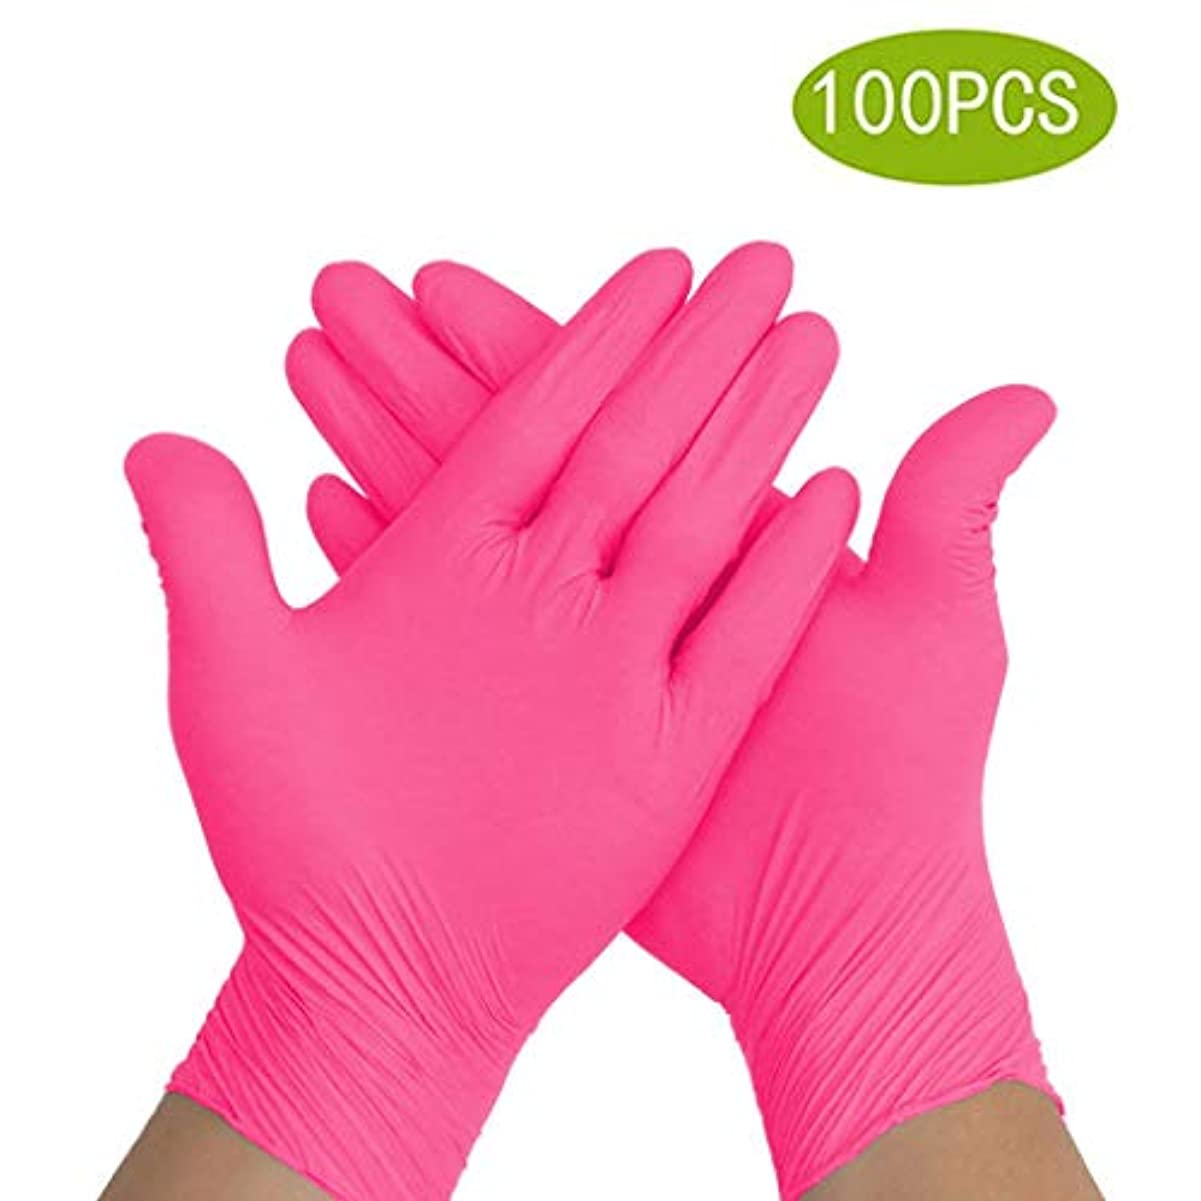 卵一外科医ニトリル使い捨て手袋、パウダーフリーのレッドビューティーサロンタトゥー、食品用手袋、ラテックスフリー、100個ディスペンサーパック (Size : S)